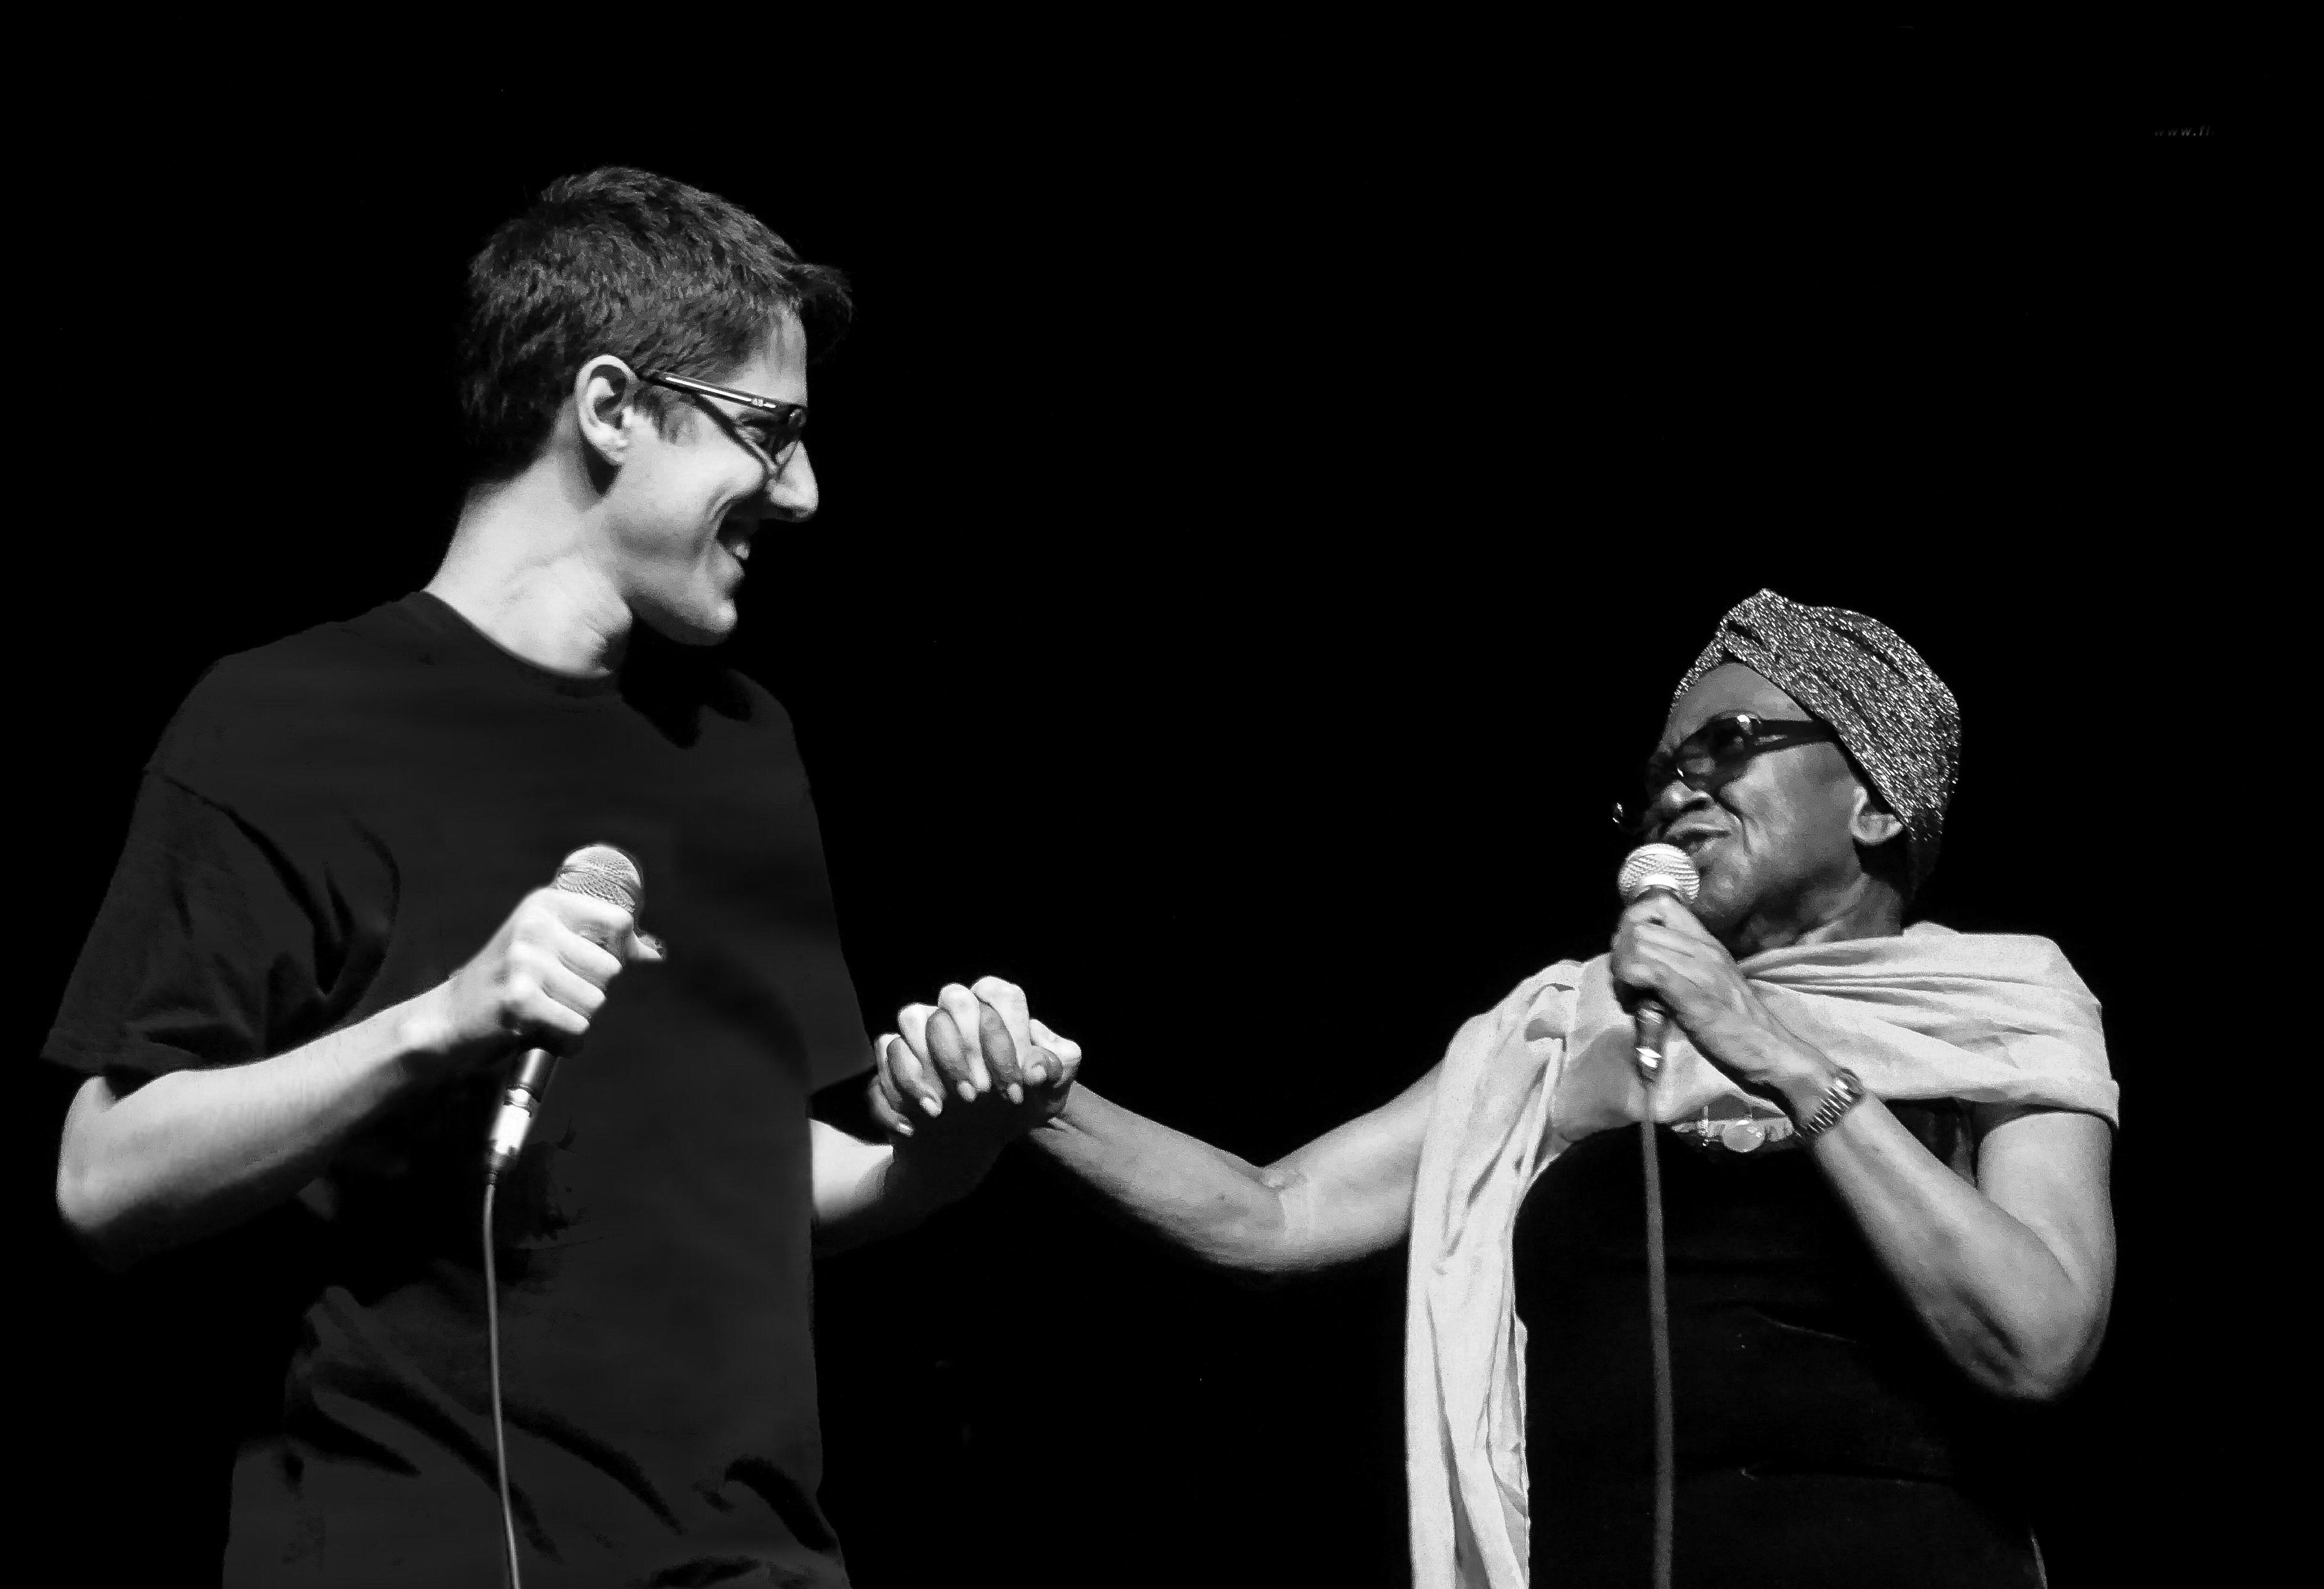 Cantores João Senise e Áurea Martins no palco, segurando microfones e dando as mãos um para o outro